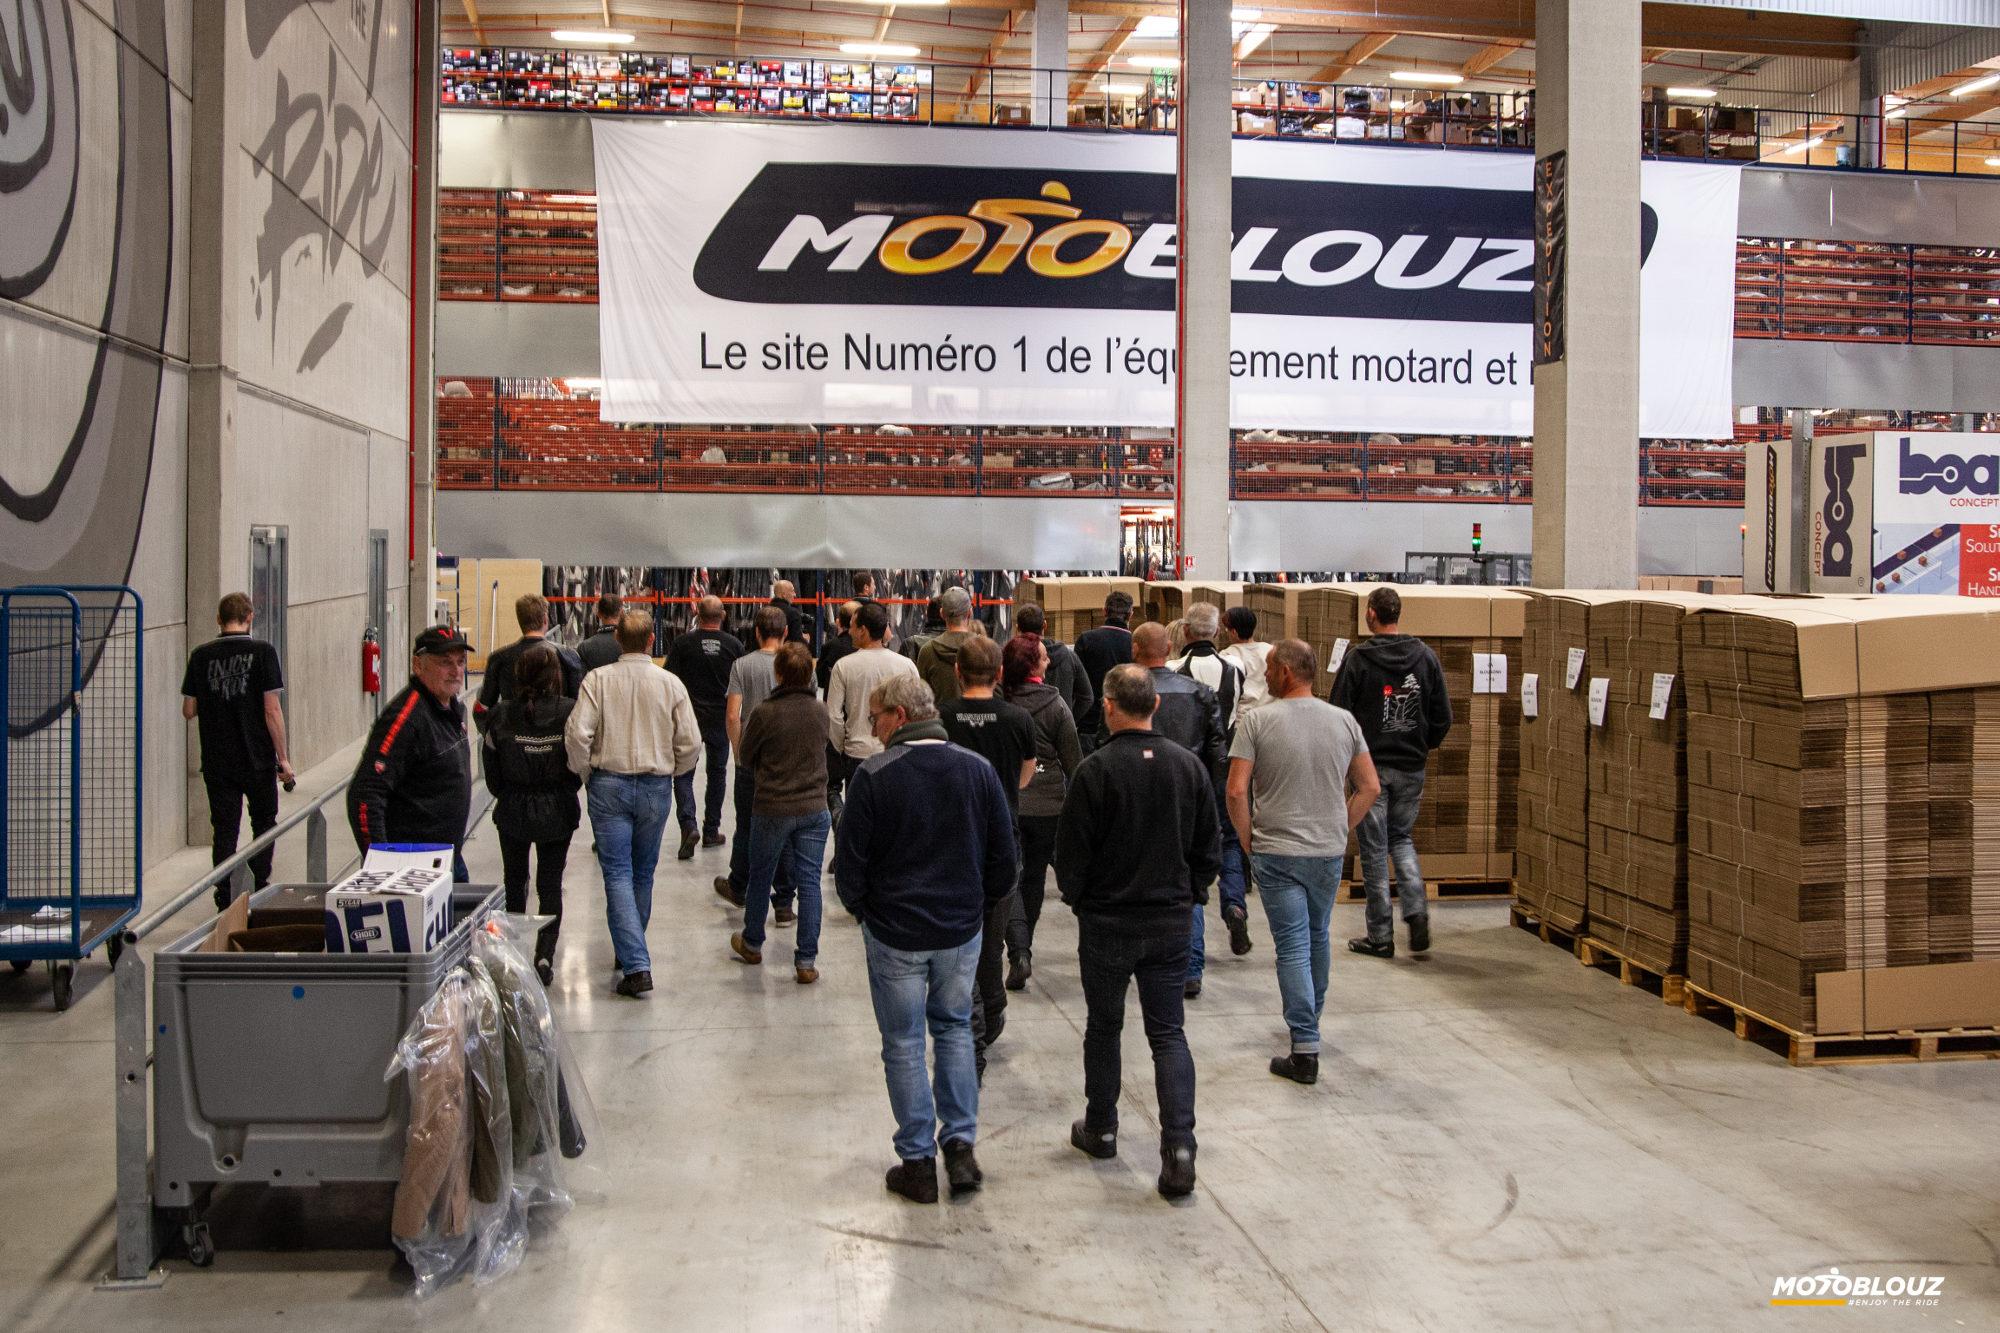 Entrepôt Motoblouz